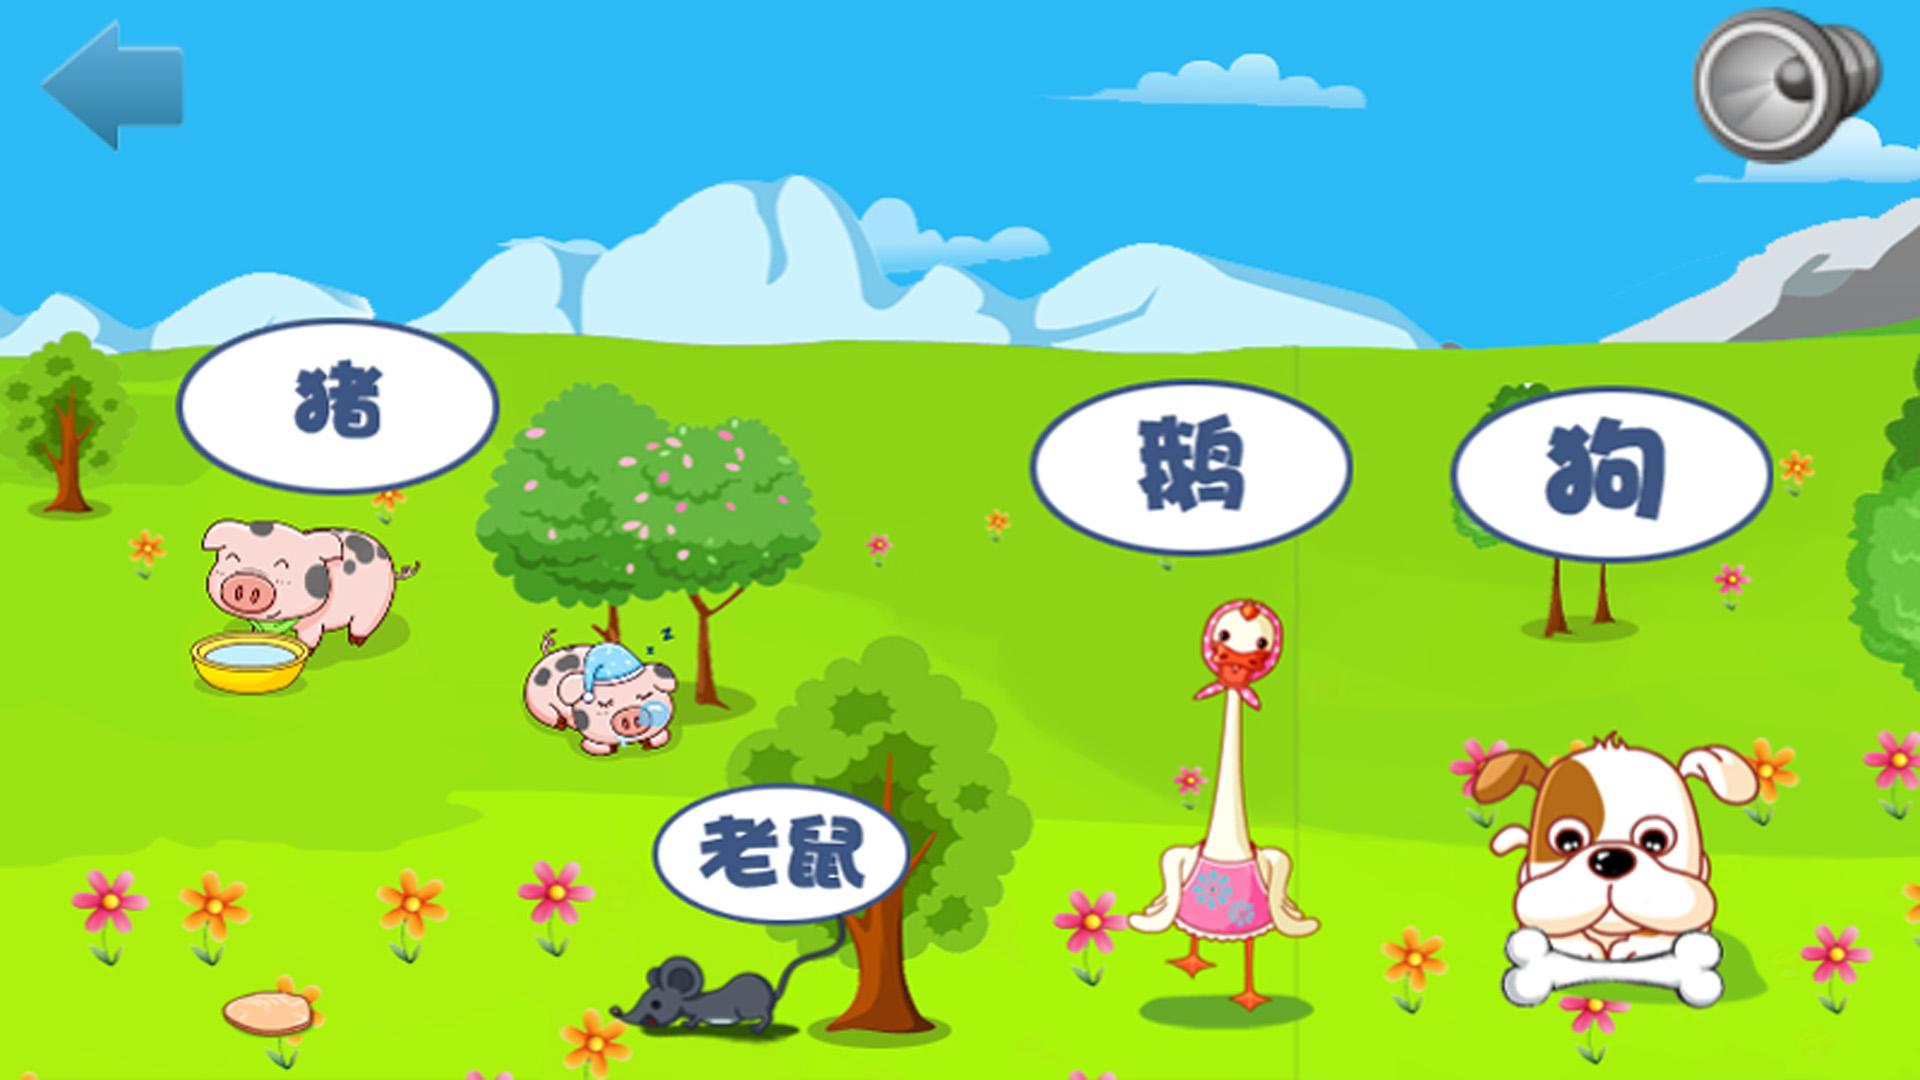 儿童游戏,动物儿童是一个有趣的应用程序,让幼儿了解动物的名称和动物的形象。这是一个非常简单的教育,即使是年幼的孩子容易使用的应用程序。他们可以简单地点击动物图片。帮助儿童学习各种动物,有声音,有图片,以及简单介绍。支持触屏操作 儿童画小动物儿童拼图,让小朋友在拼图游戏中开阔视野,认识我们地球上各种生物,培养对大自然的兴趣。 儿童画画有可爱小动物图片,难度适中。我们的应用儿童小游戏将一直免费,感谢大家的支持!